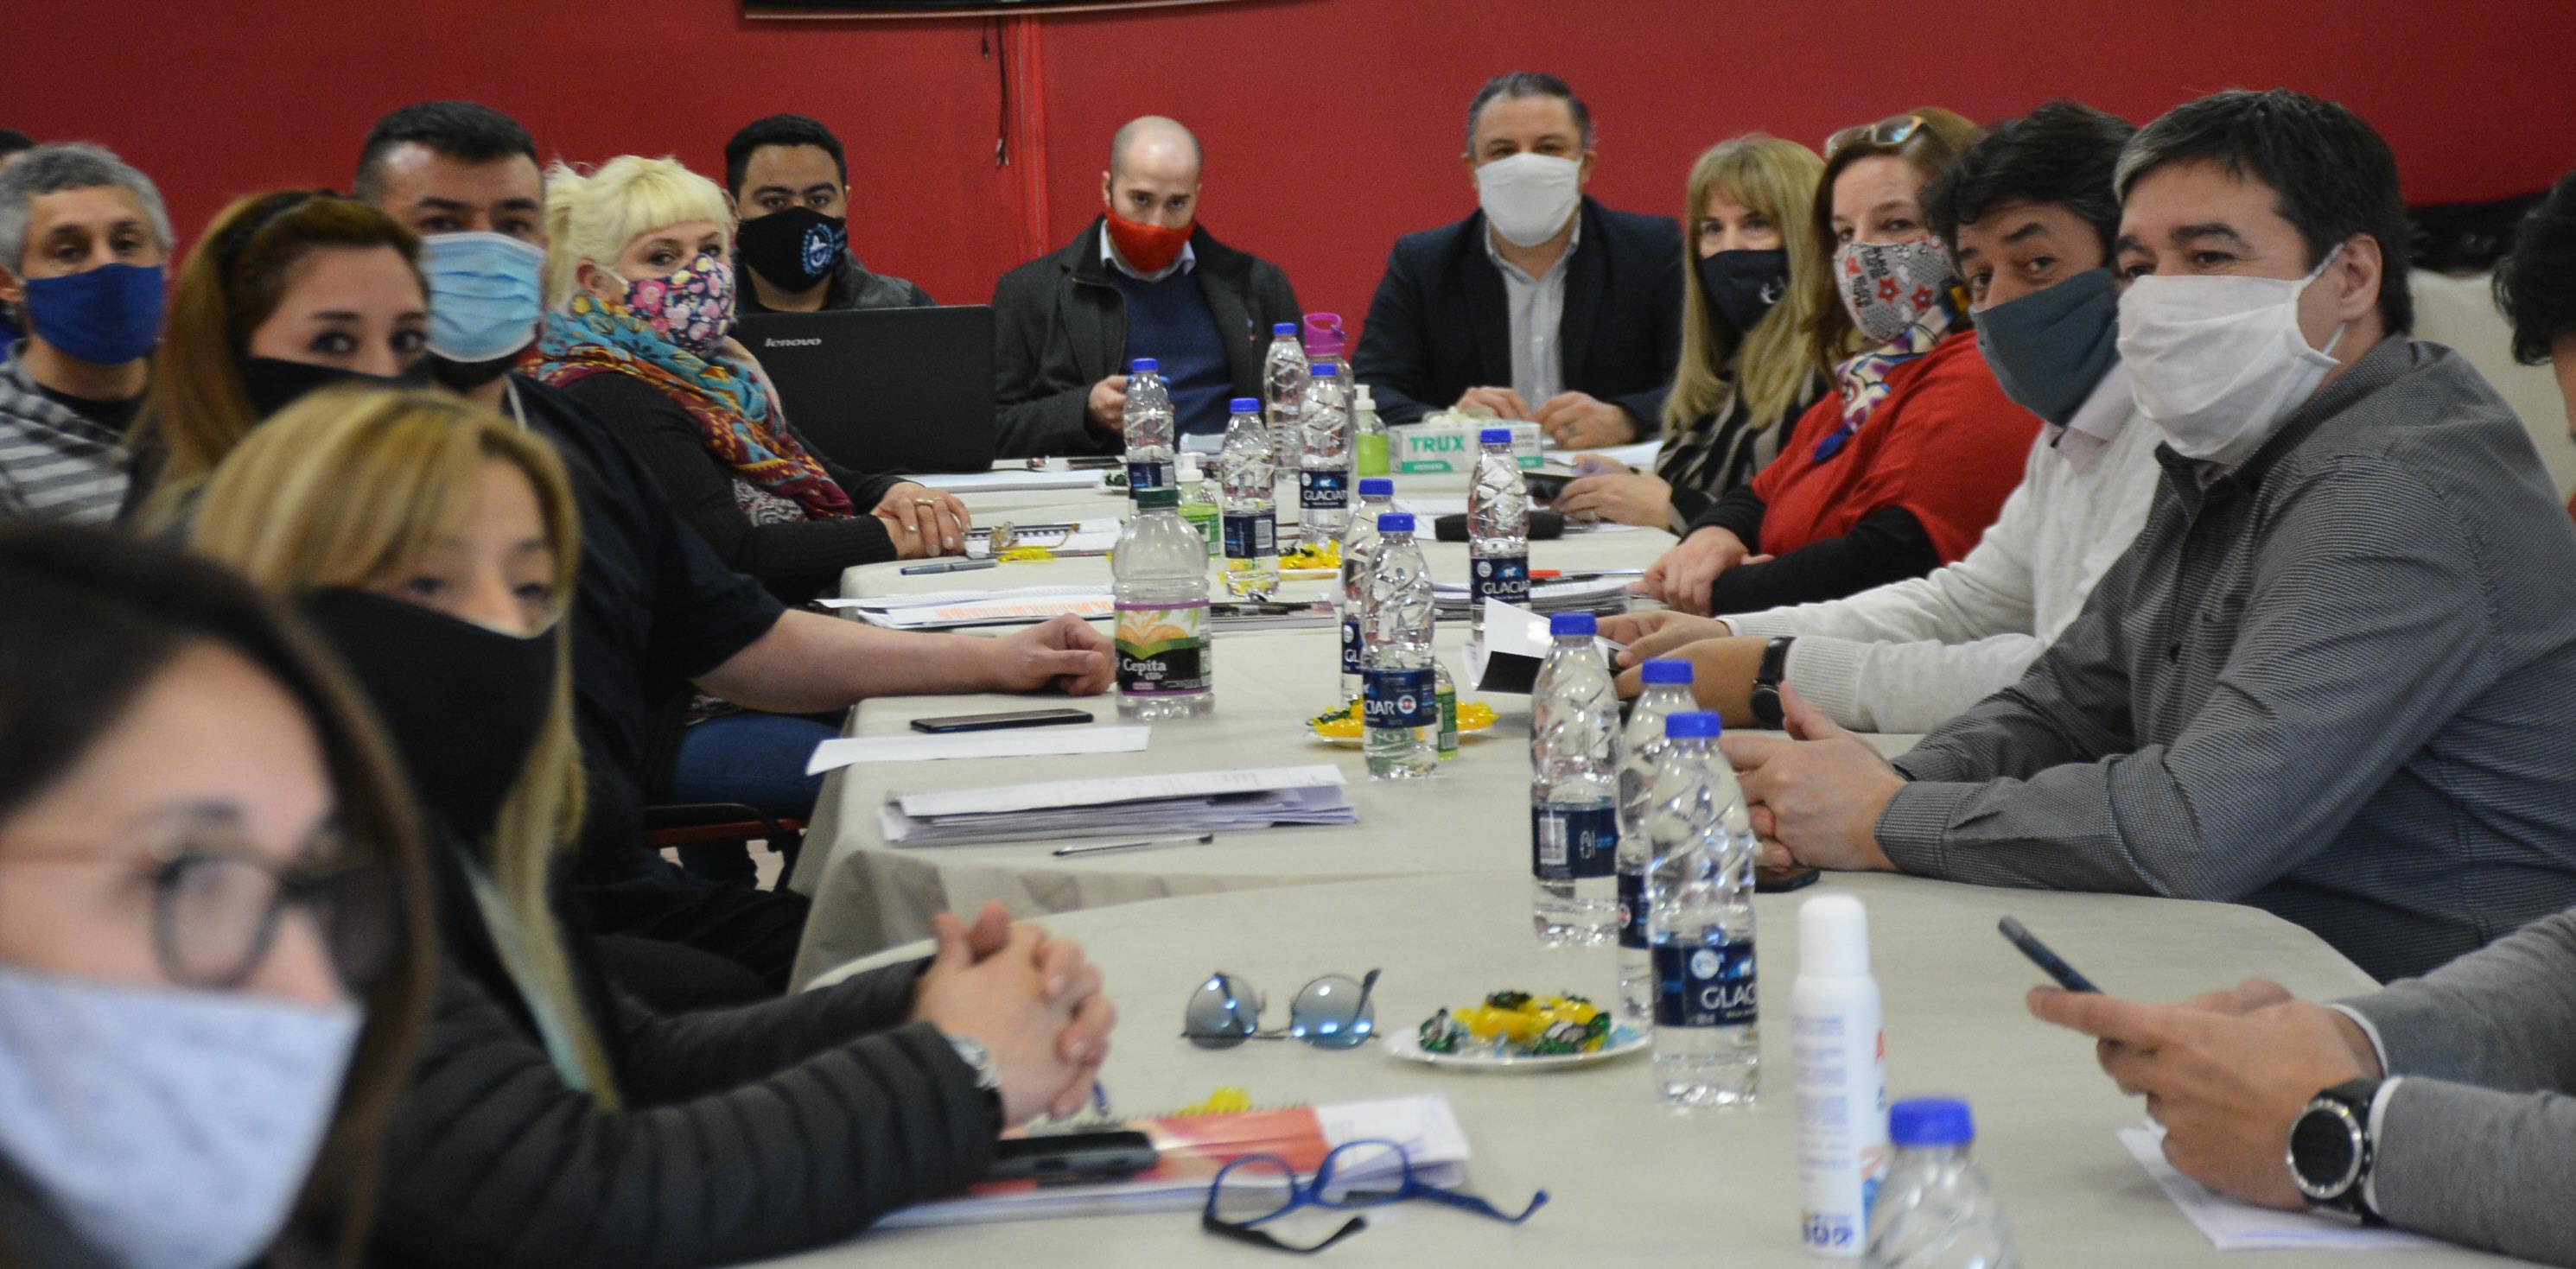 El encuentro se desarrolló en la sede de Fomicruz SE, Río Gallegos. FOTO: JOSÉ SILVA